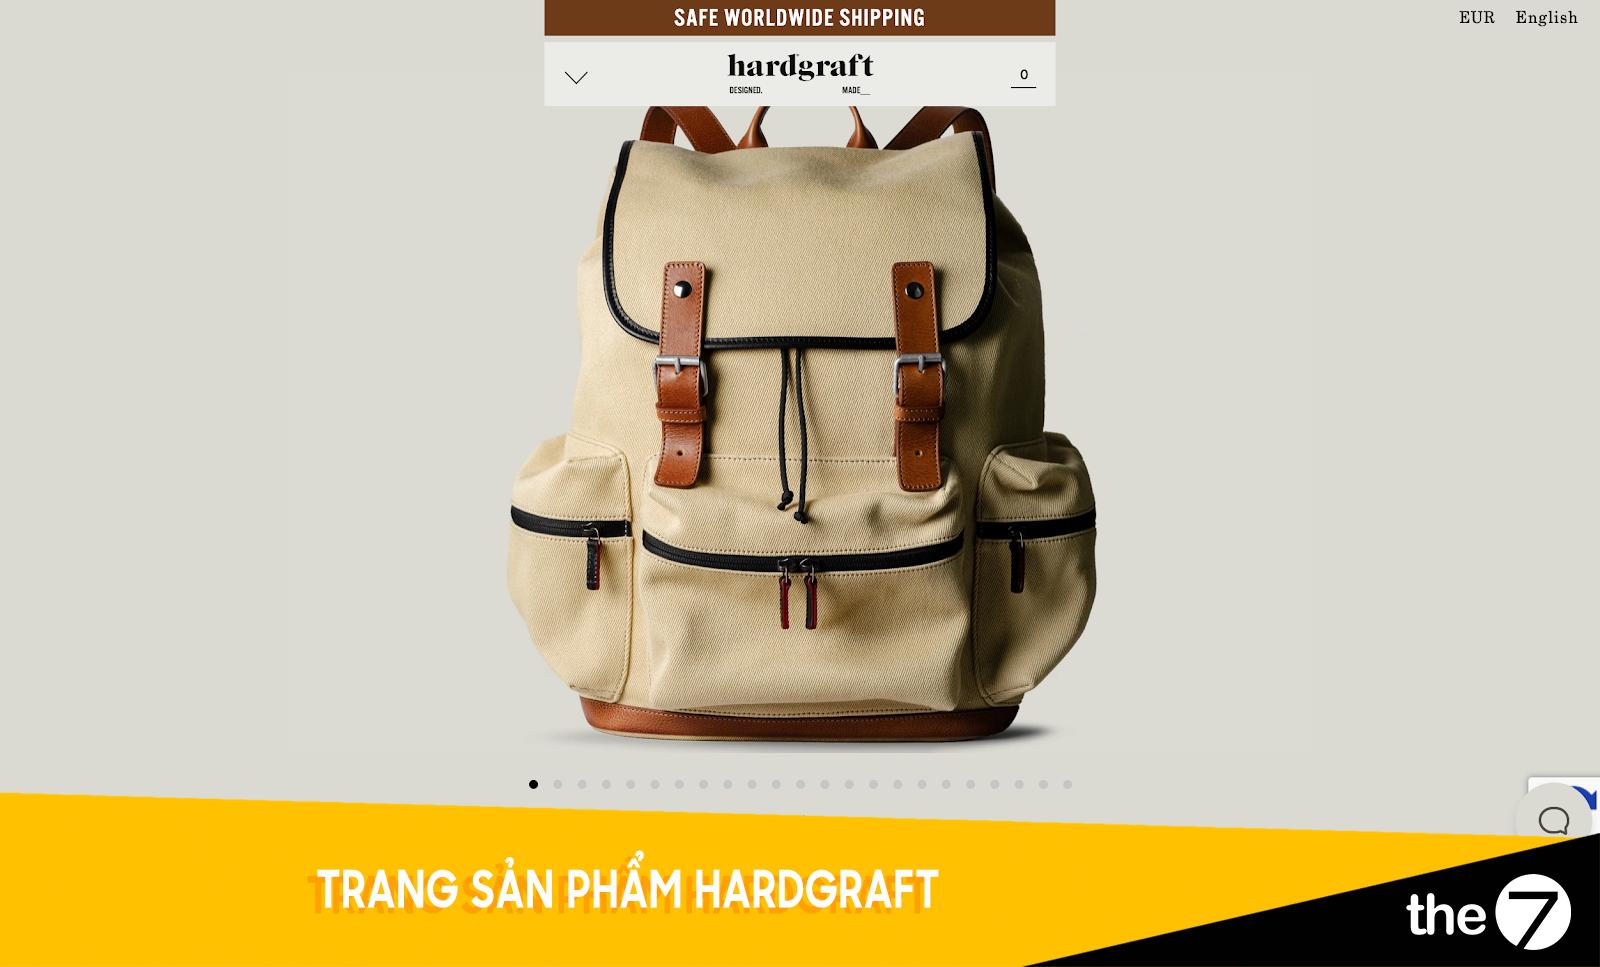 Thiết kế website bán hàng - Trang bán hàng Hardgraft